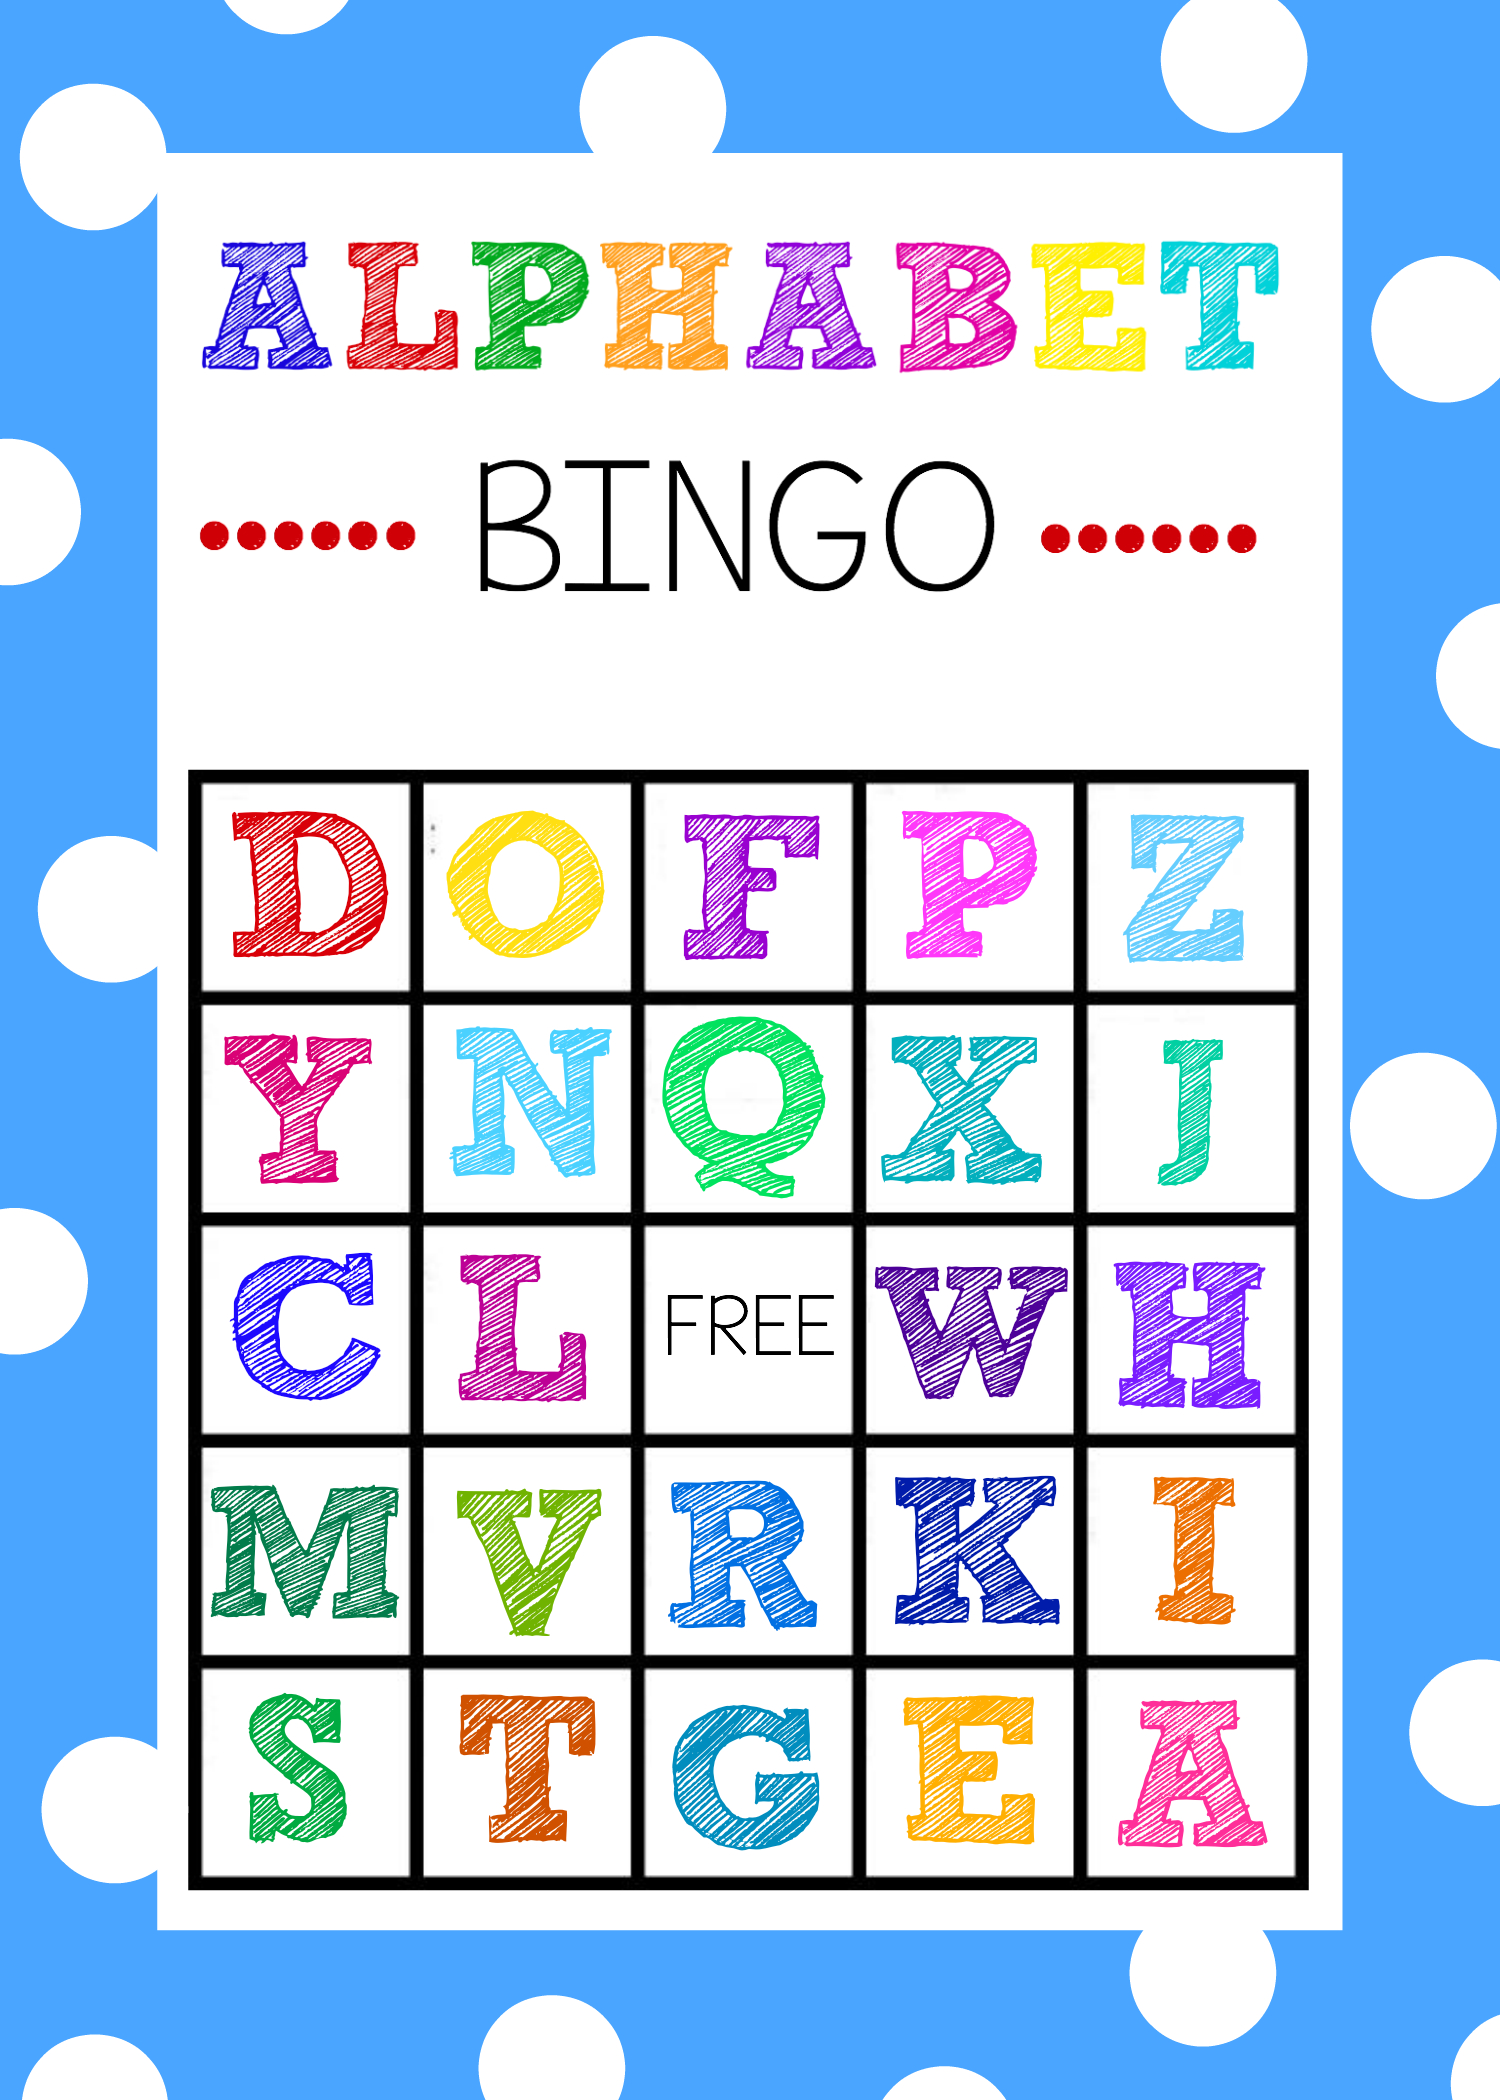 Free Printable Alphabet Bingo Game   Abc Games   Pinterest - Free Printable Alphabet Board Games